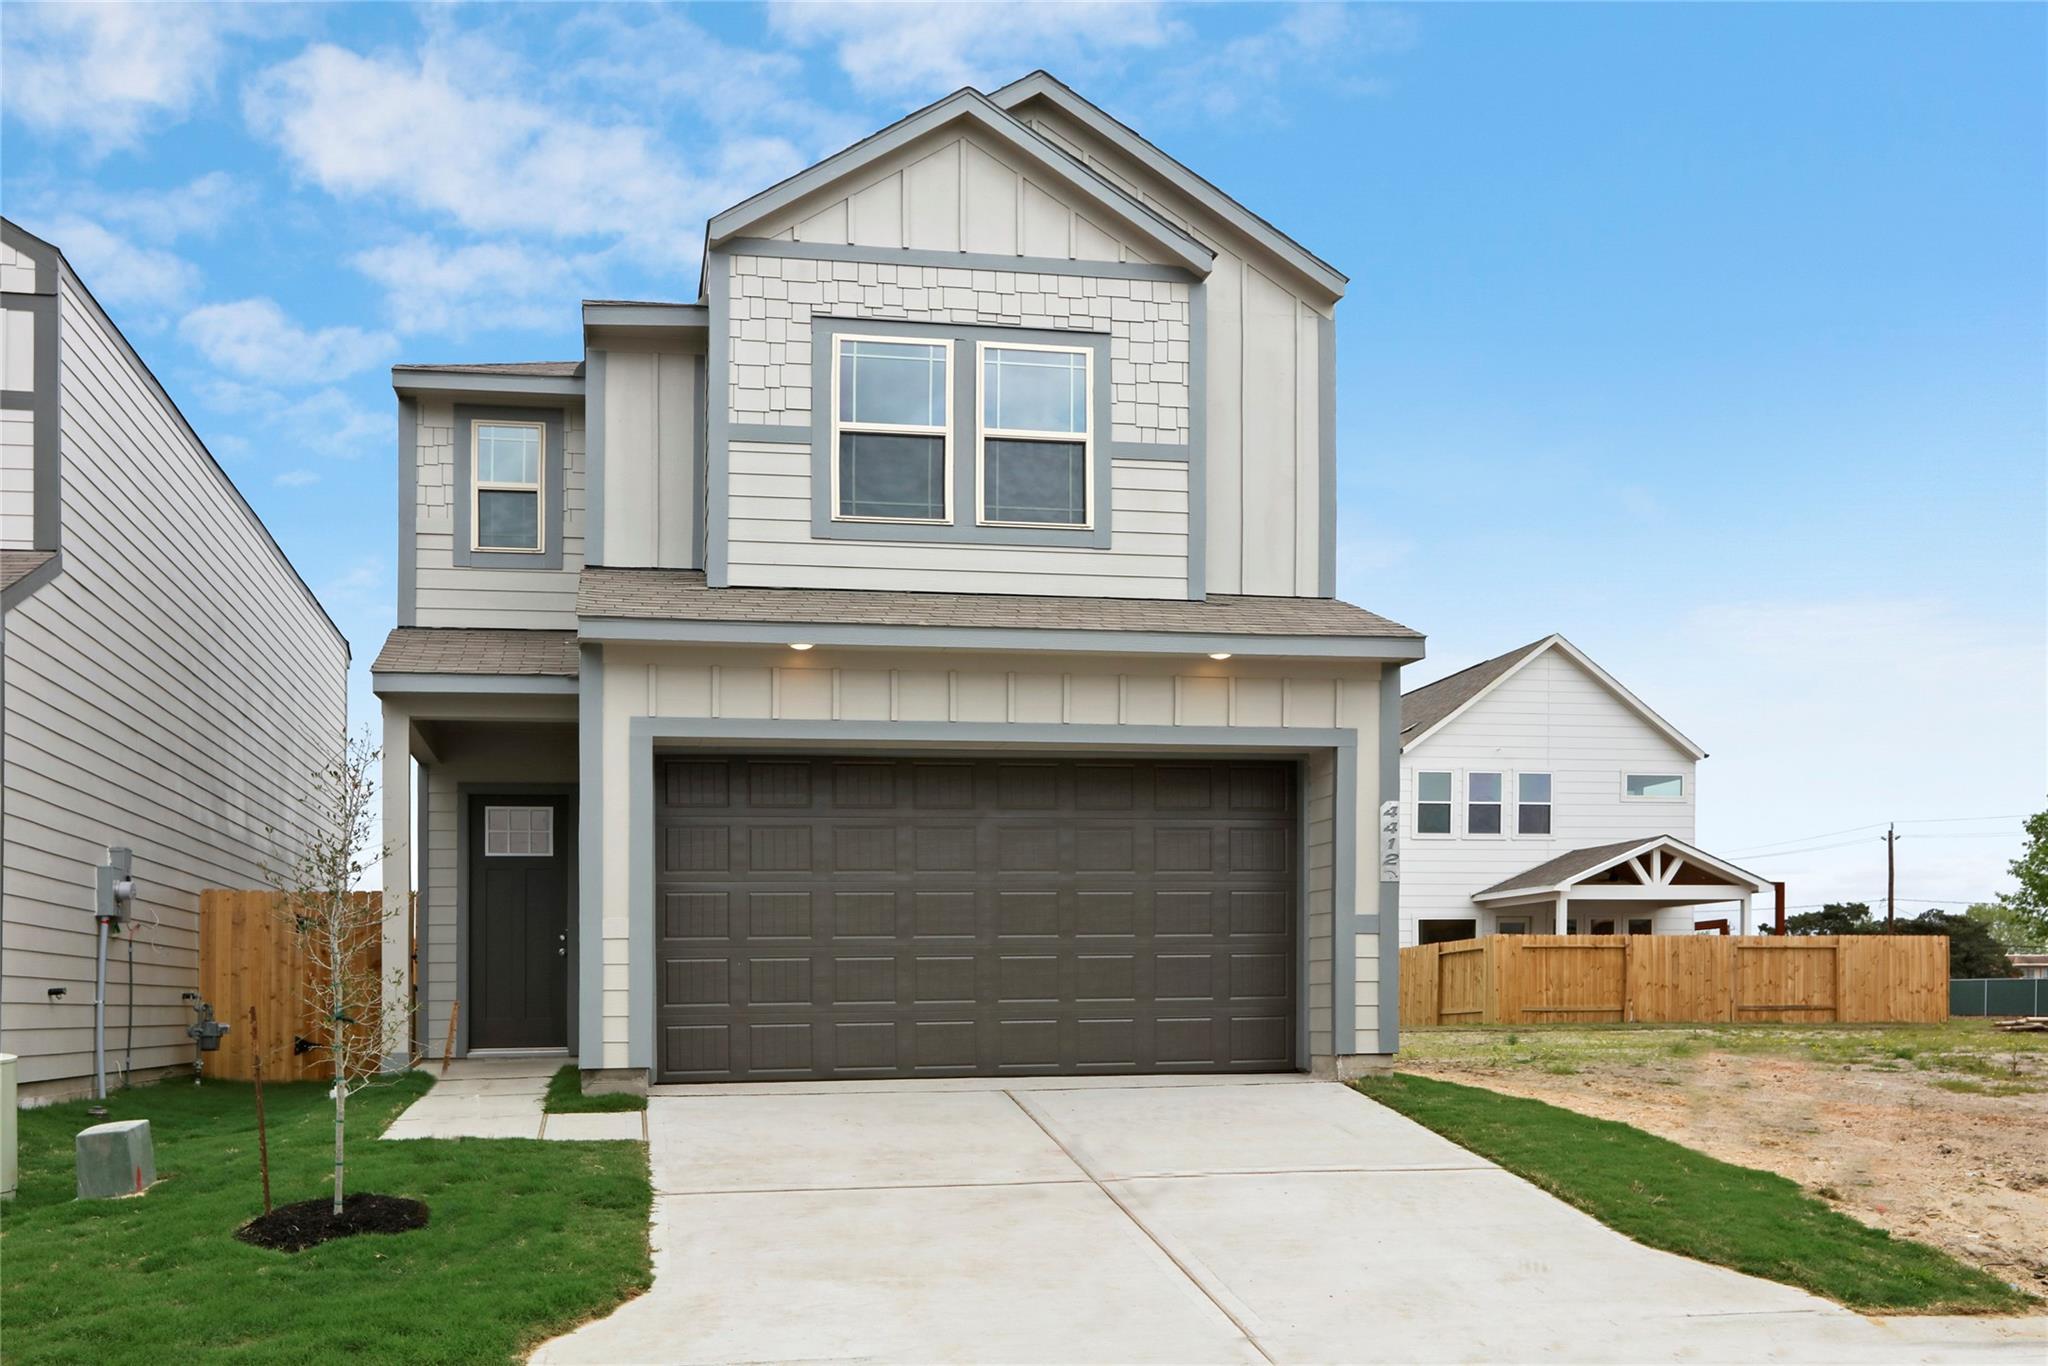 4419 Ibiza Lane Property Photo - Houston, TX real estate listing